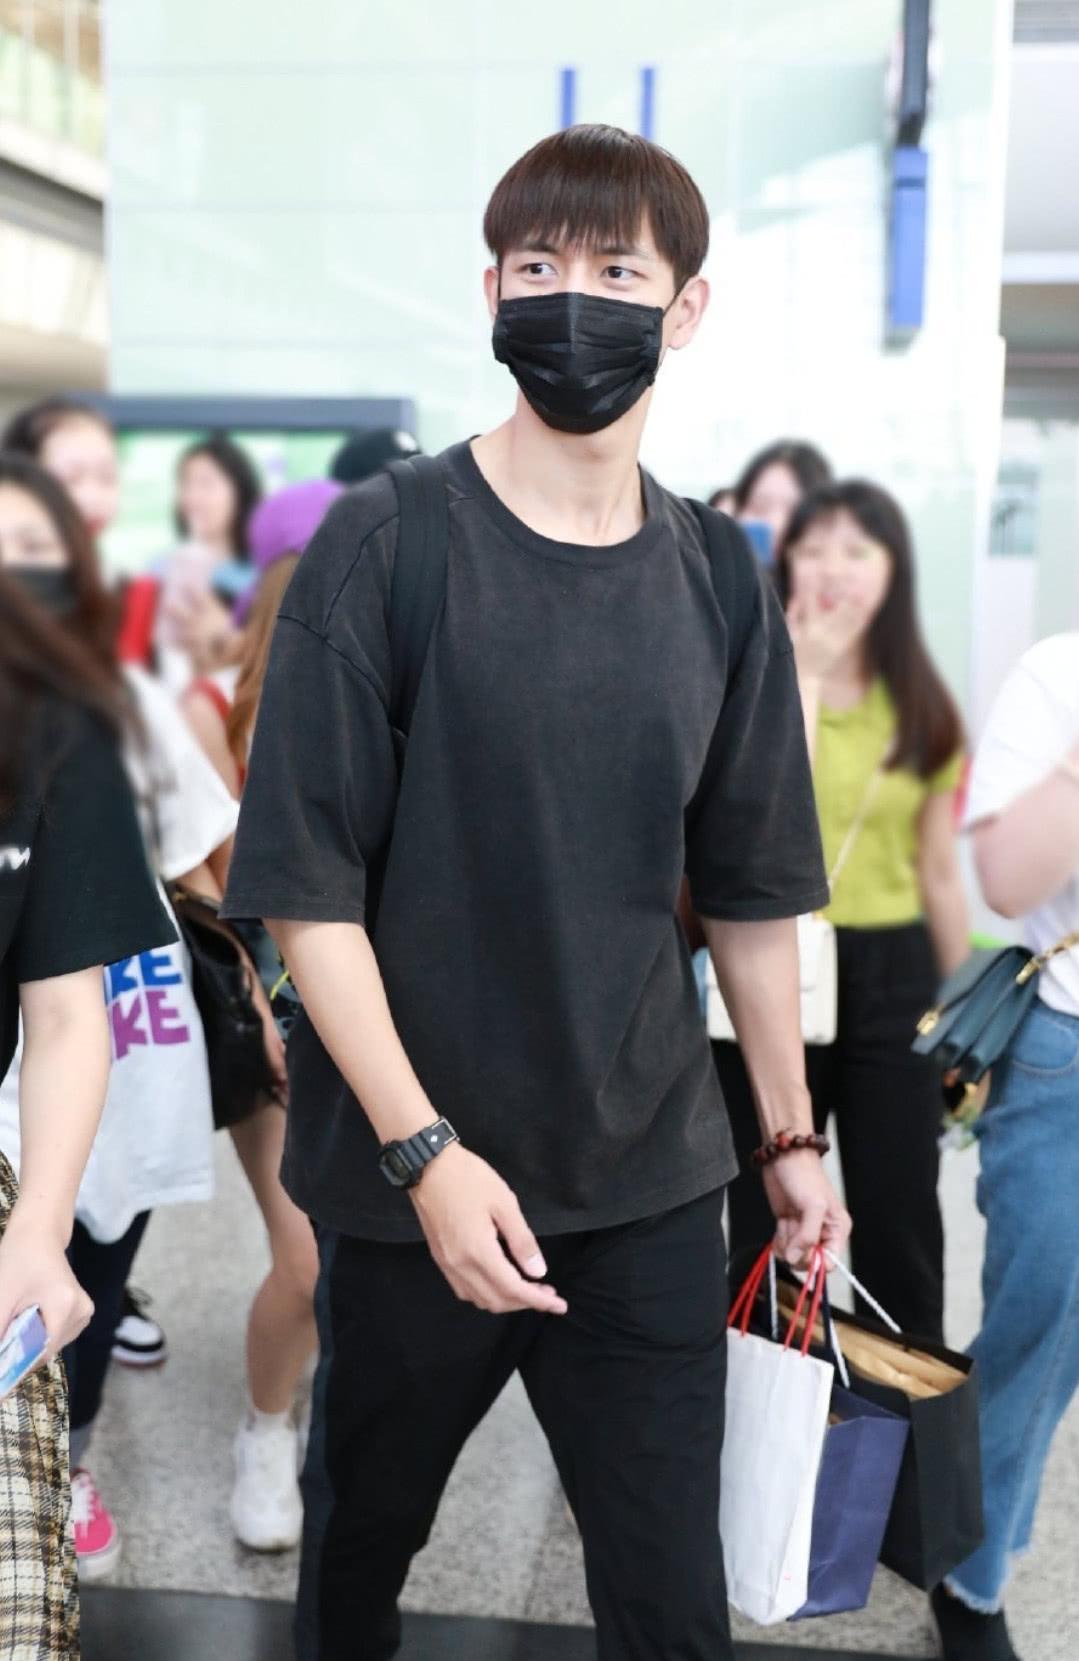 李现最近很红,但看到手上戴的饰品,你还会把他当七月男友吗?